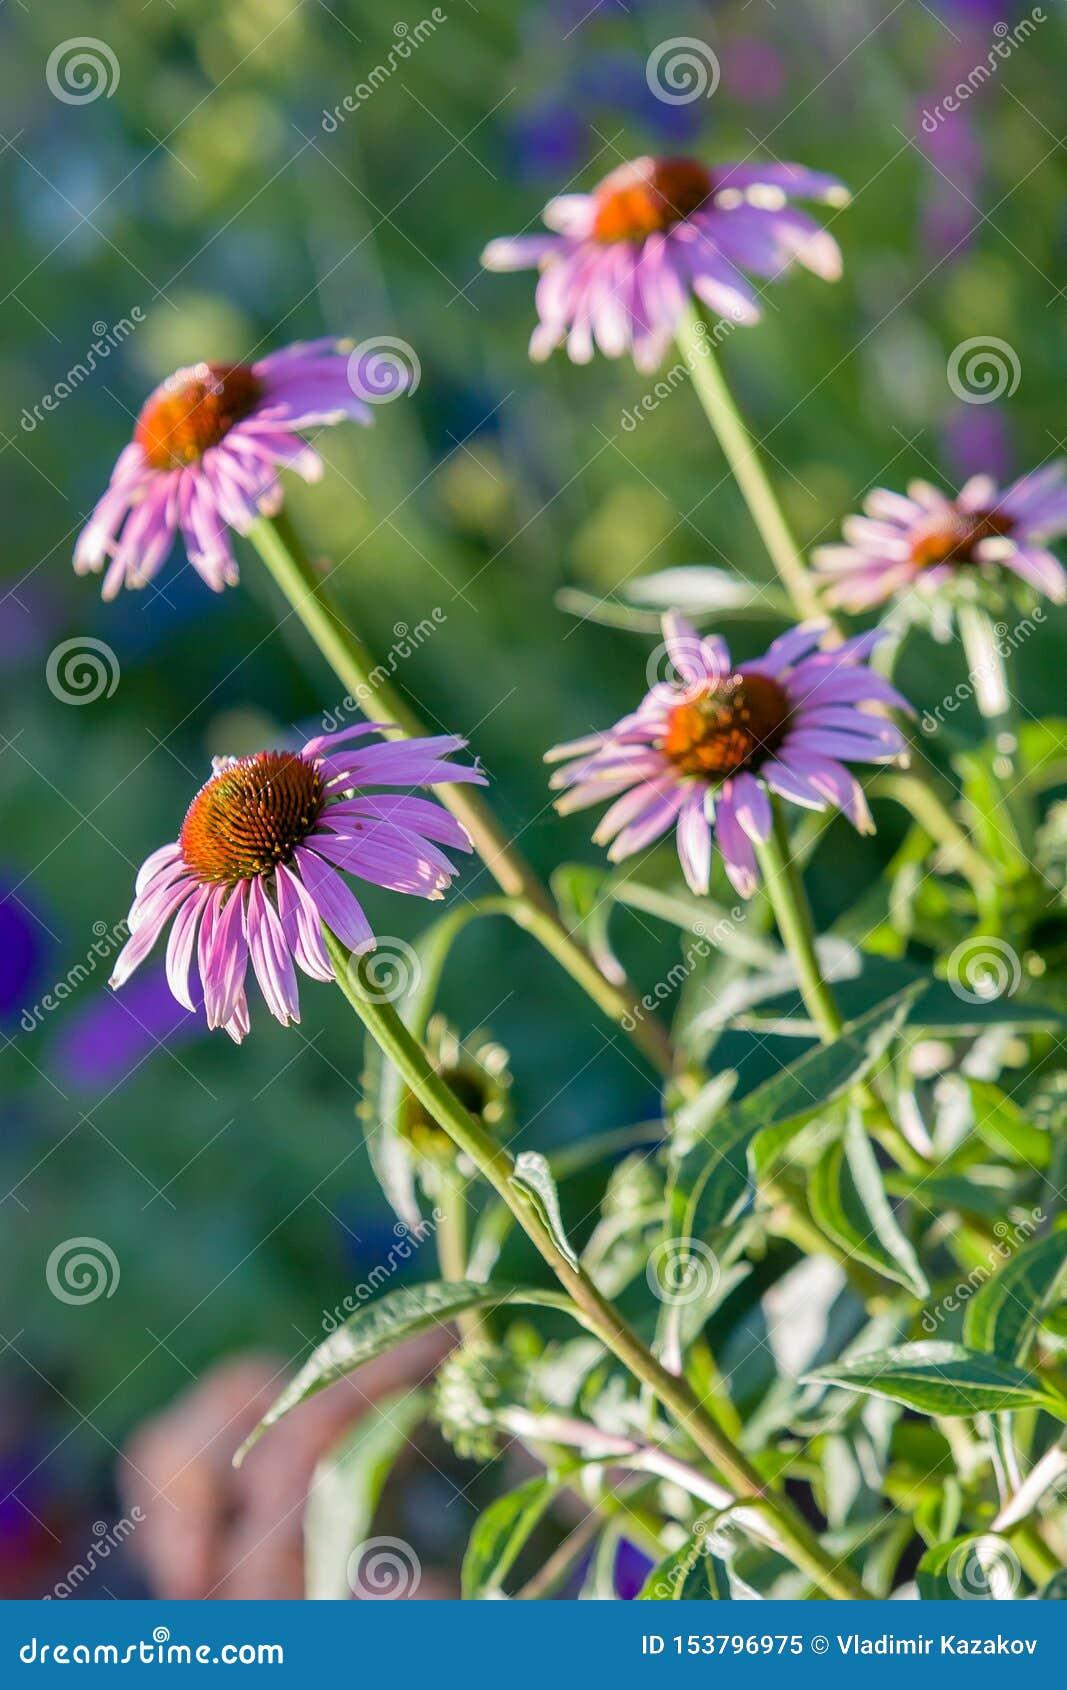 Diversas flores da família da camomila com um centro marrom